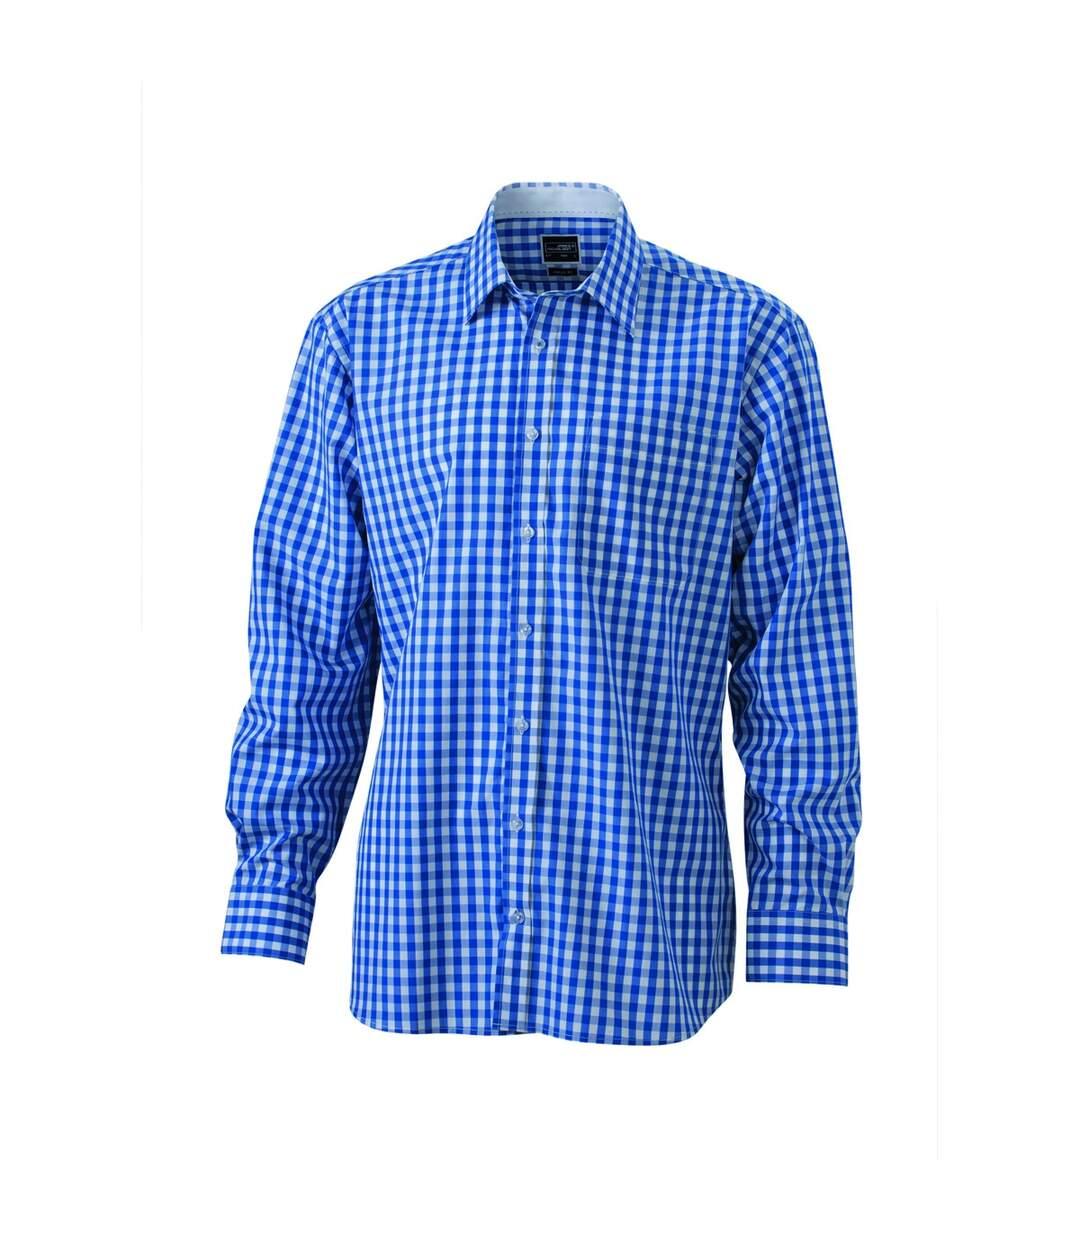 chemise manches longues carreaux vichy HOMME JN617 - bleu roi